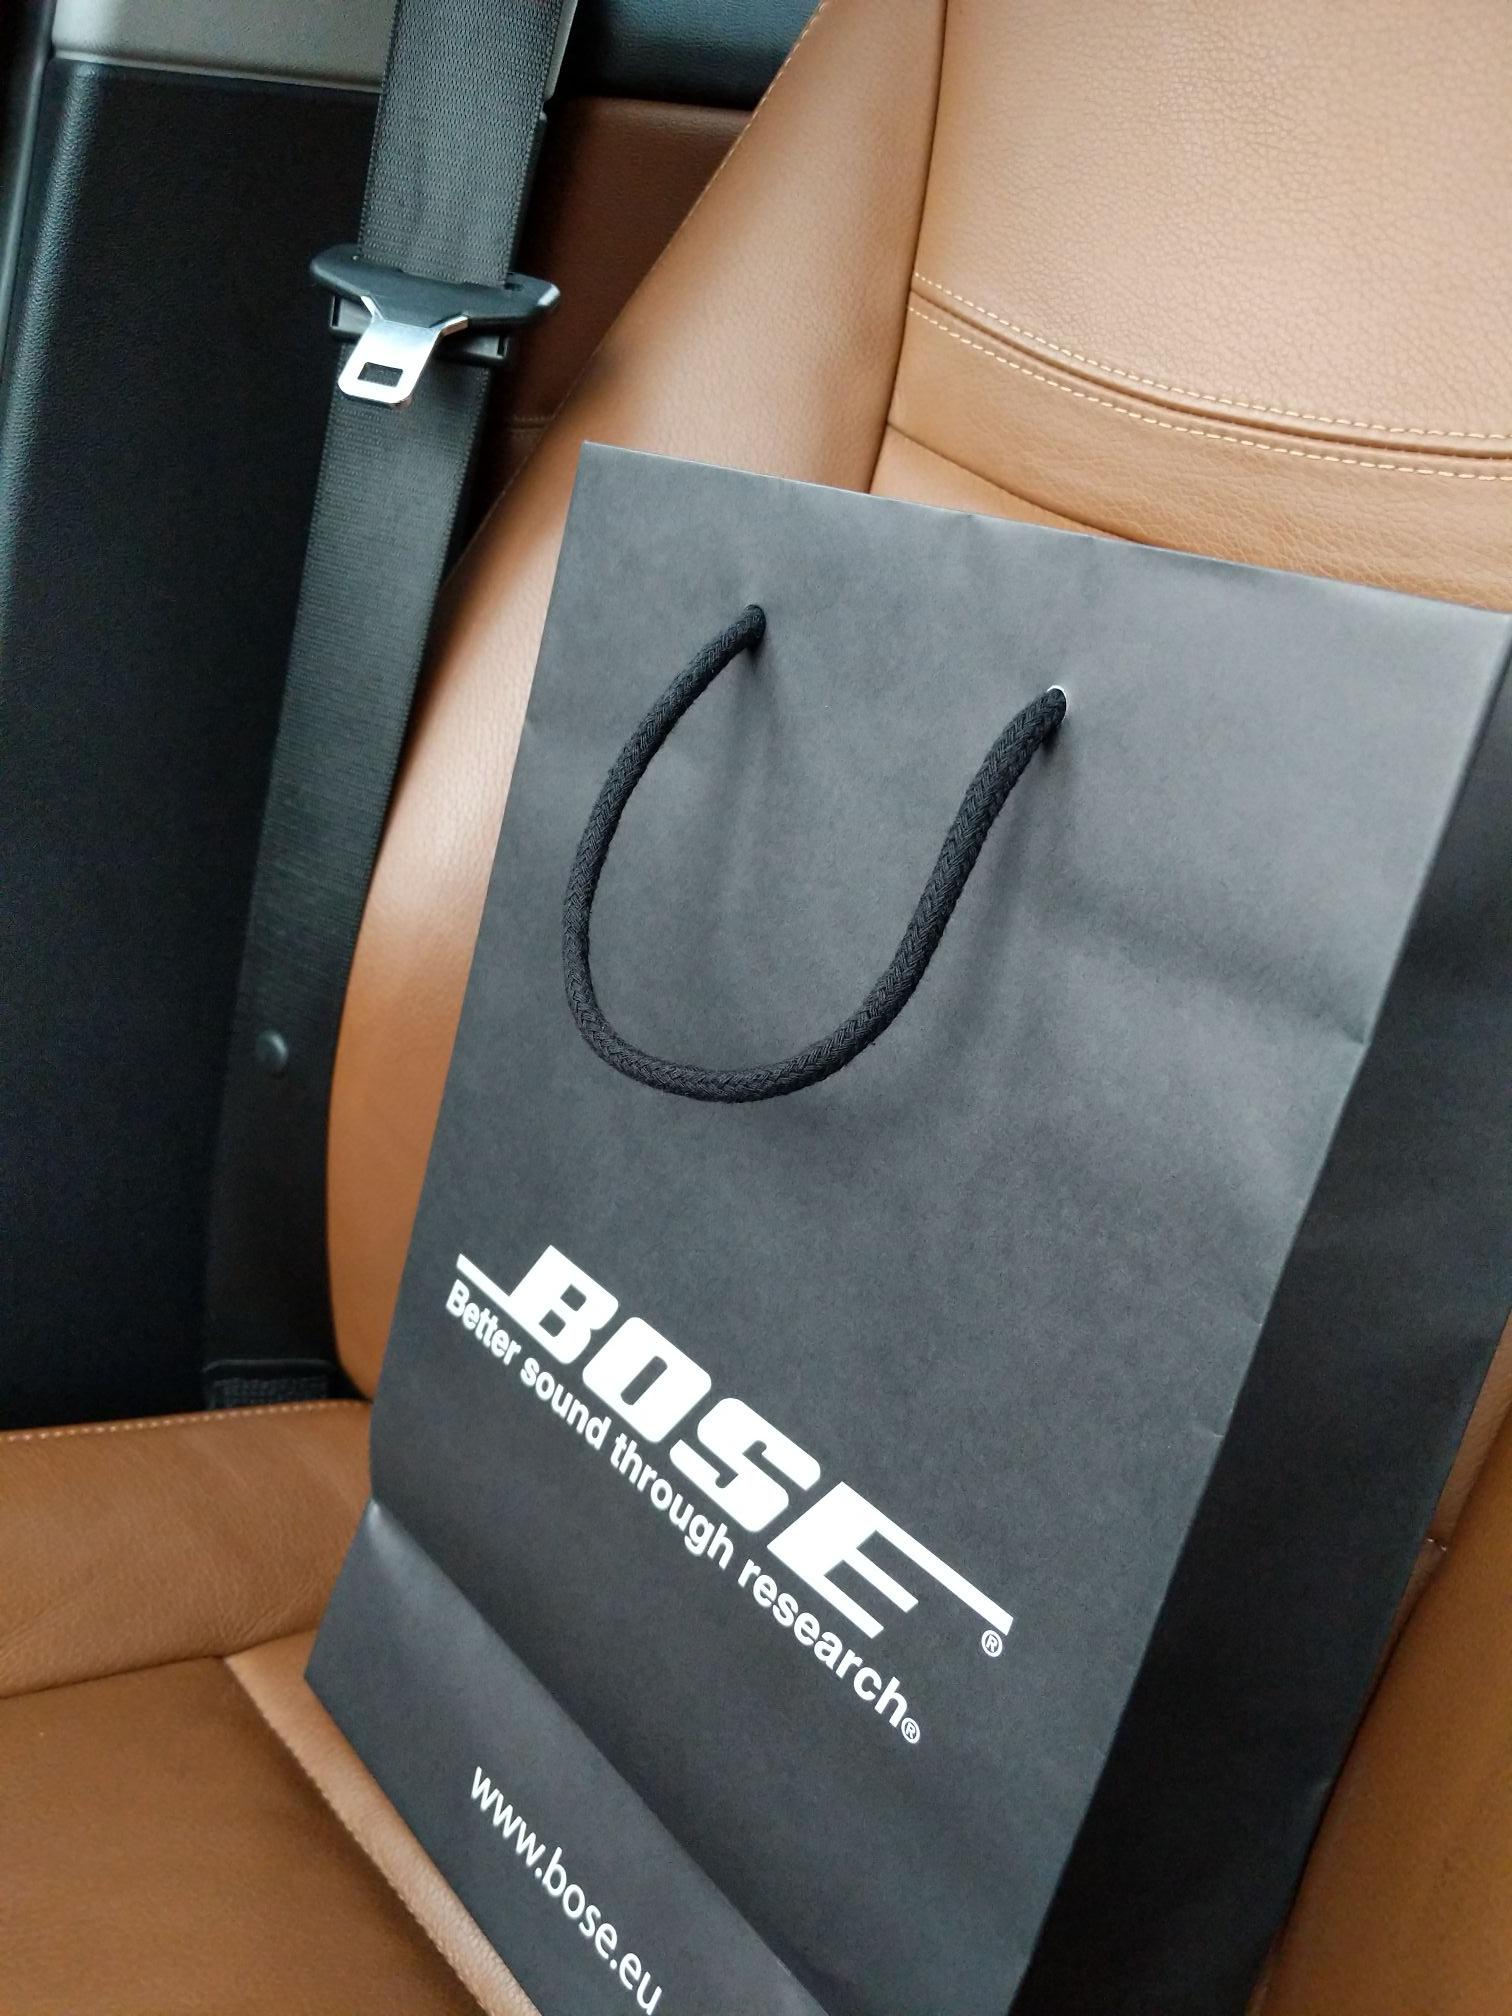 Bose Quietcomfort 35 2 in schwarz und silber Bose Store Hamburg Balindamm!